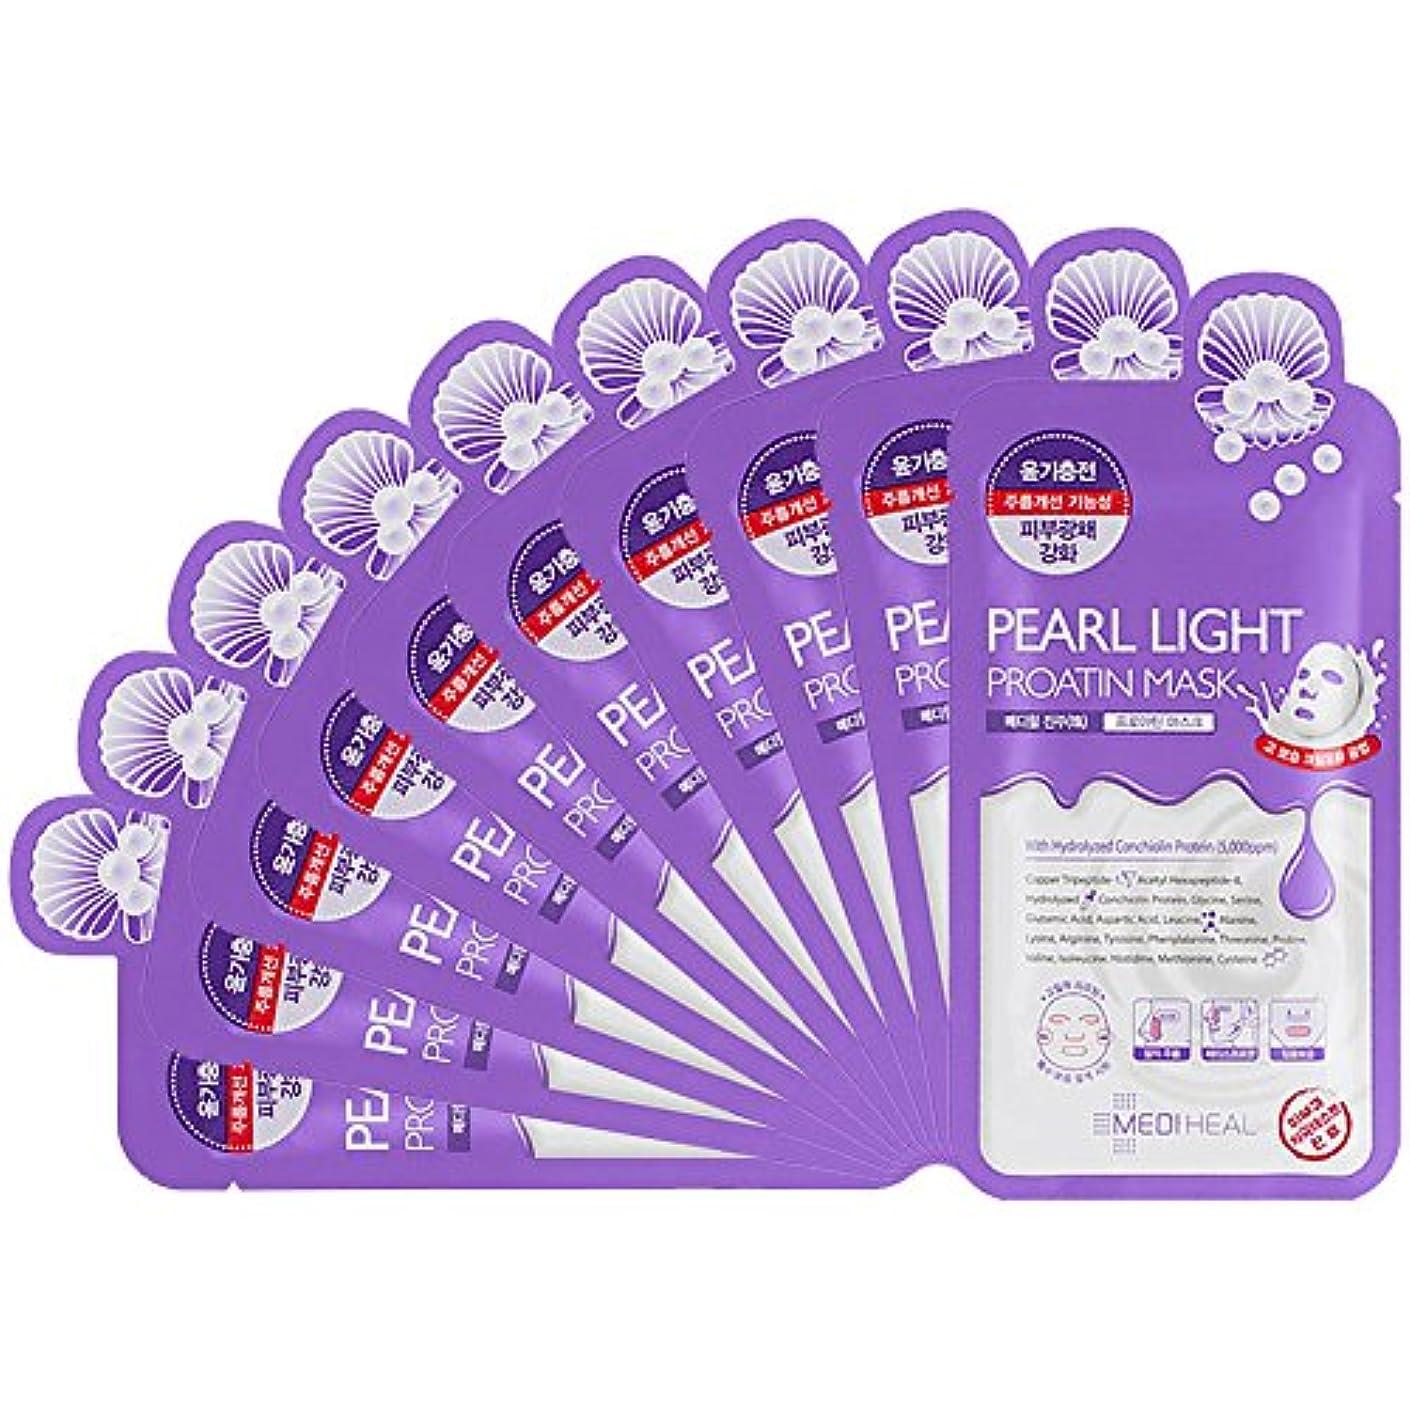 敵意容赦ないランプ[[MEDIHEAL]] メディヒールパールライトプロアチン マスクPearl Light Proatin Mask 10pc